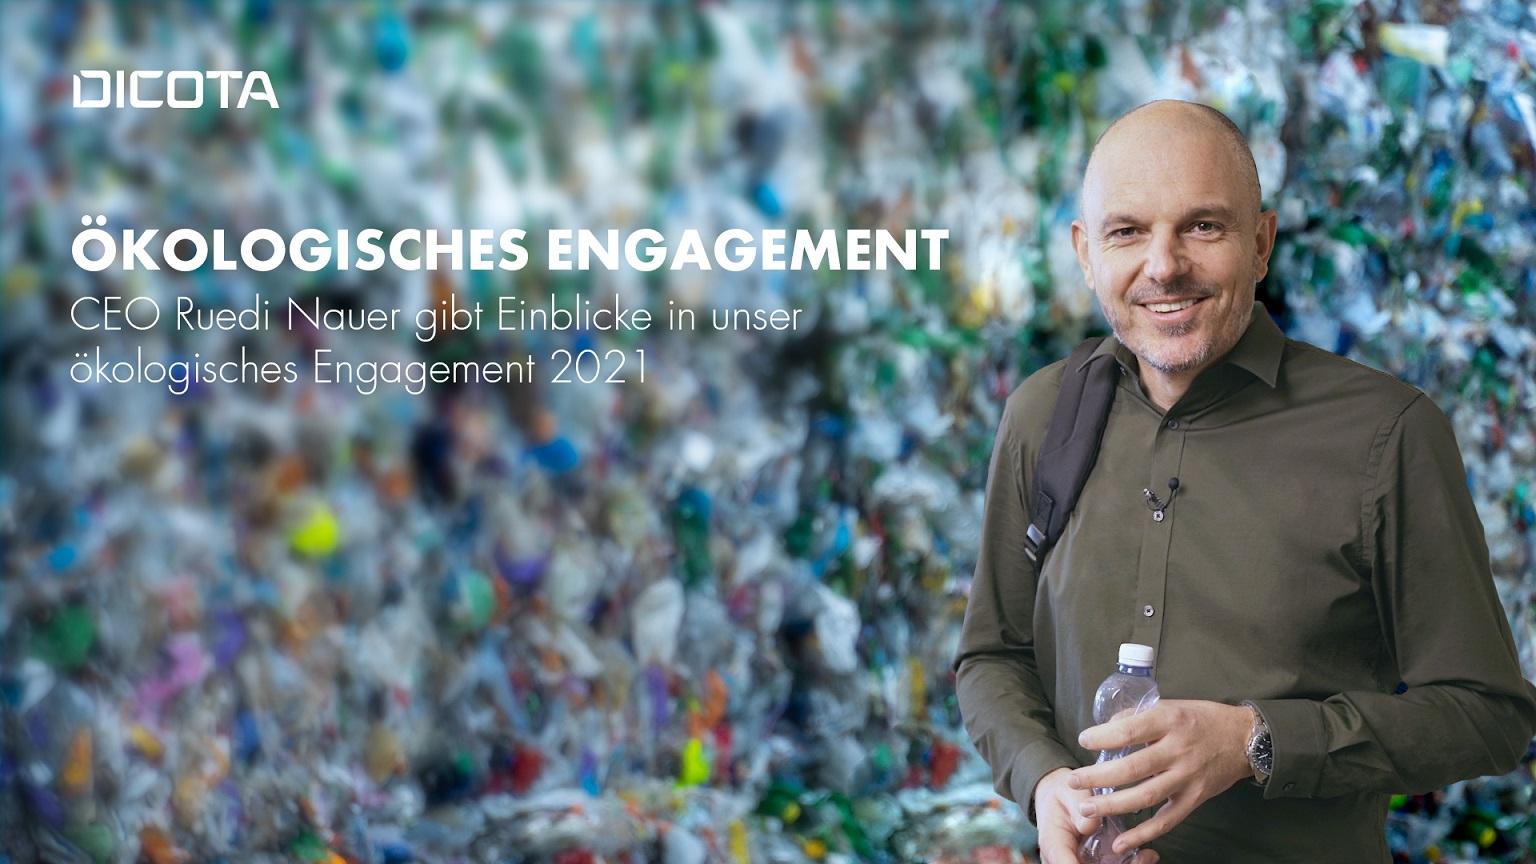 Ökologisches Engagement 2021